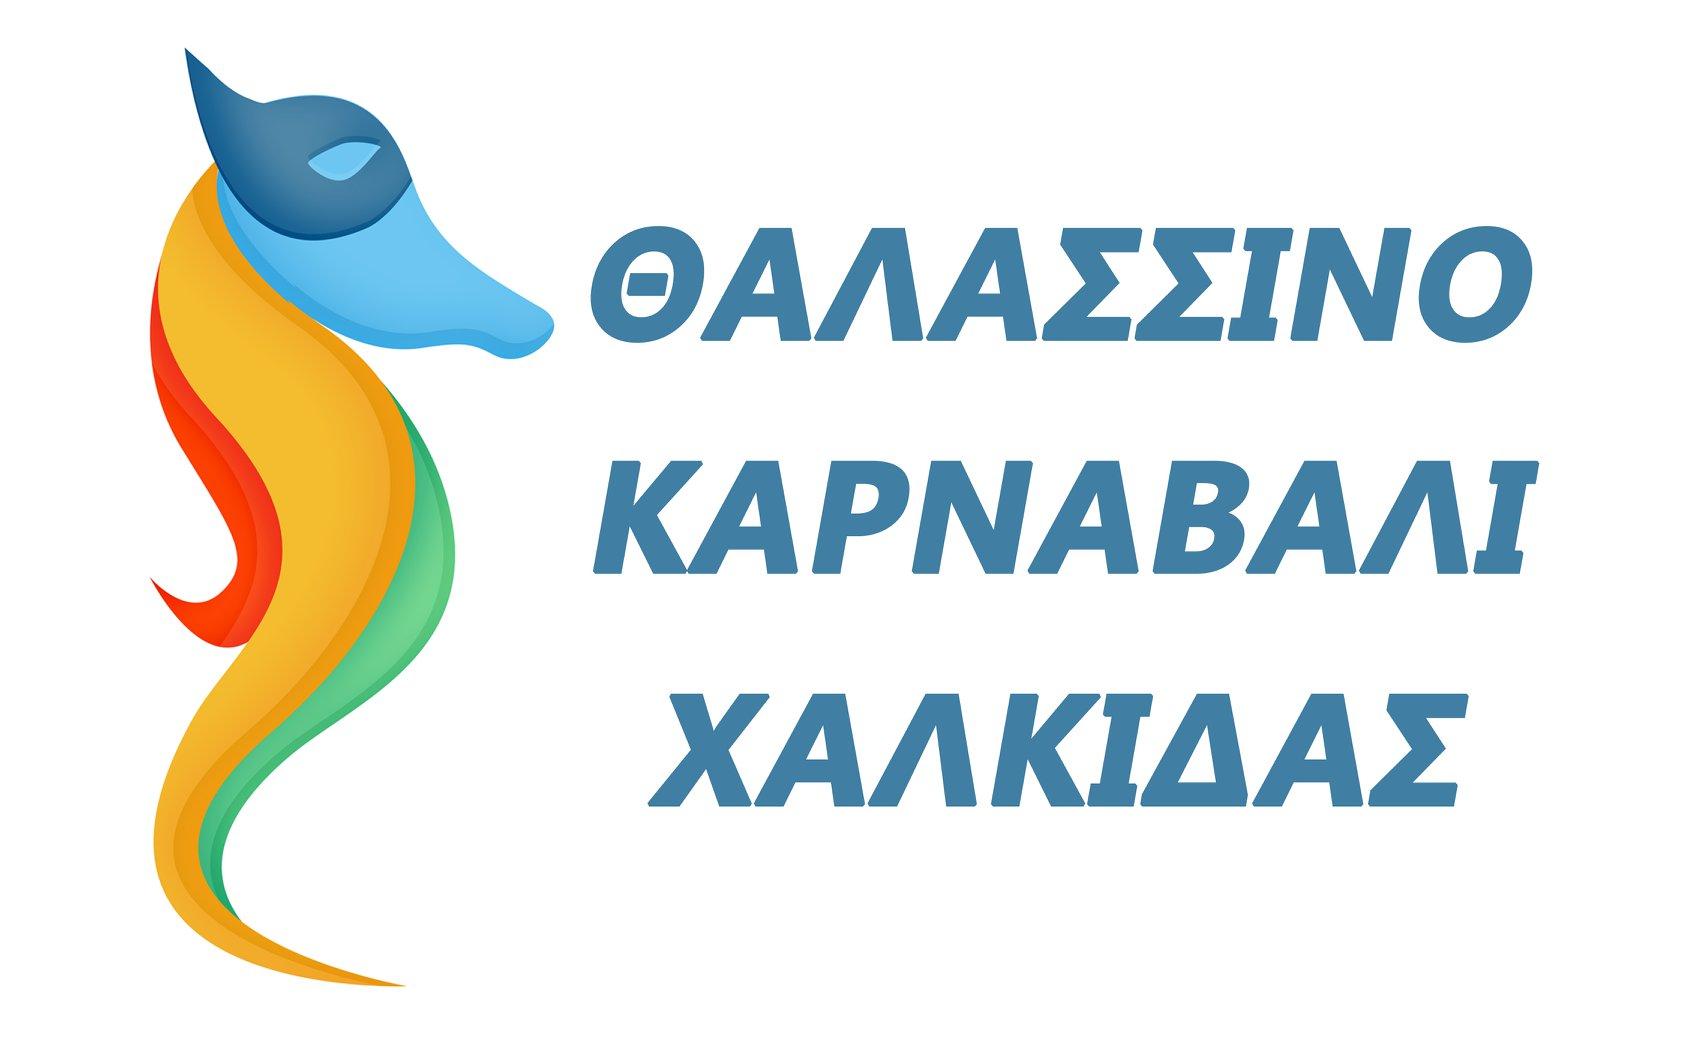 , Χαλκίδα: «Θαλασσινό Καρναβάλι 2020», Eviathema.gr | ΕΥΒΟΙΑ ΝΕΑ - Νέα και ειδήσεις από όλη την Εύβοια